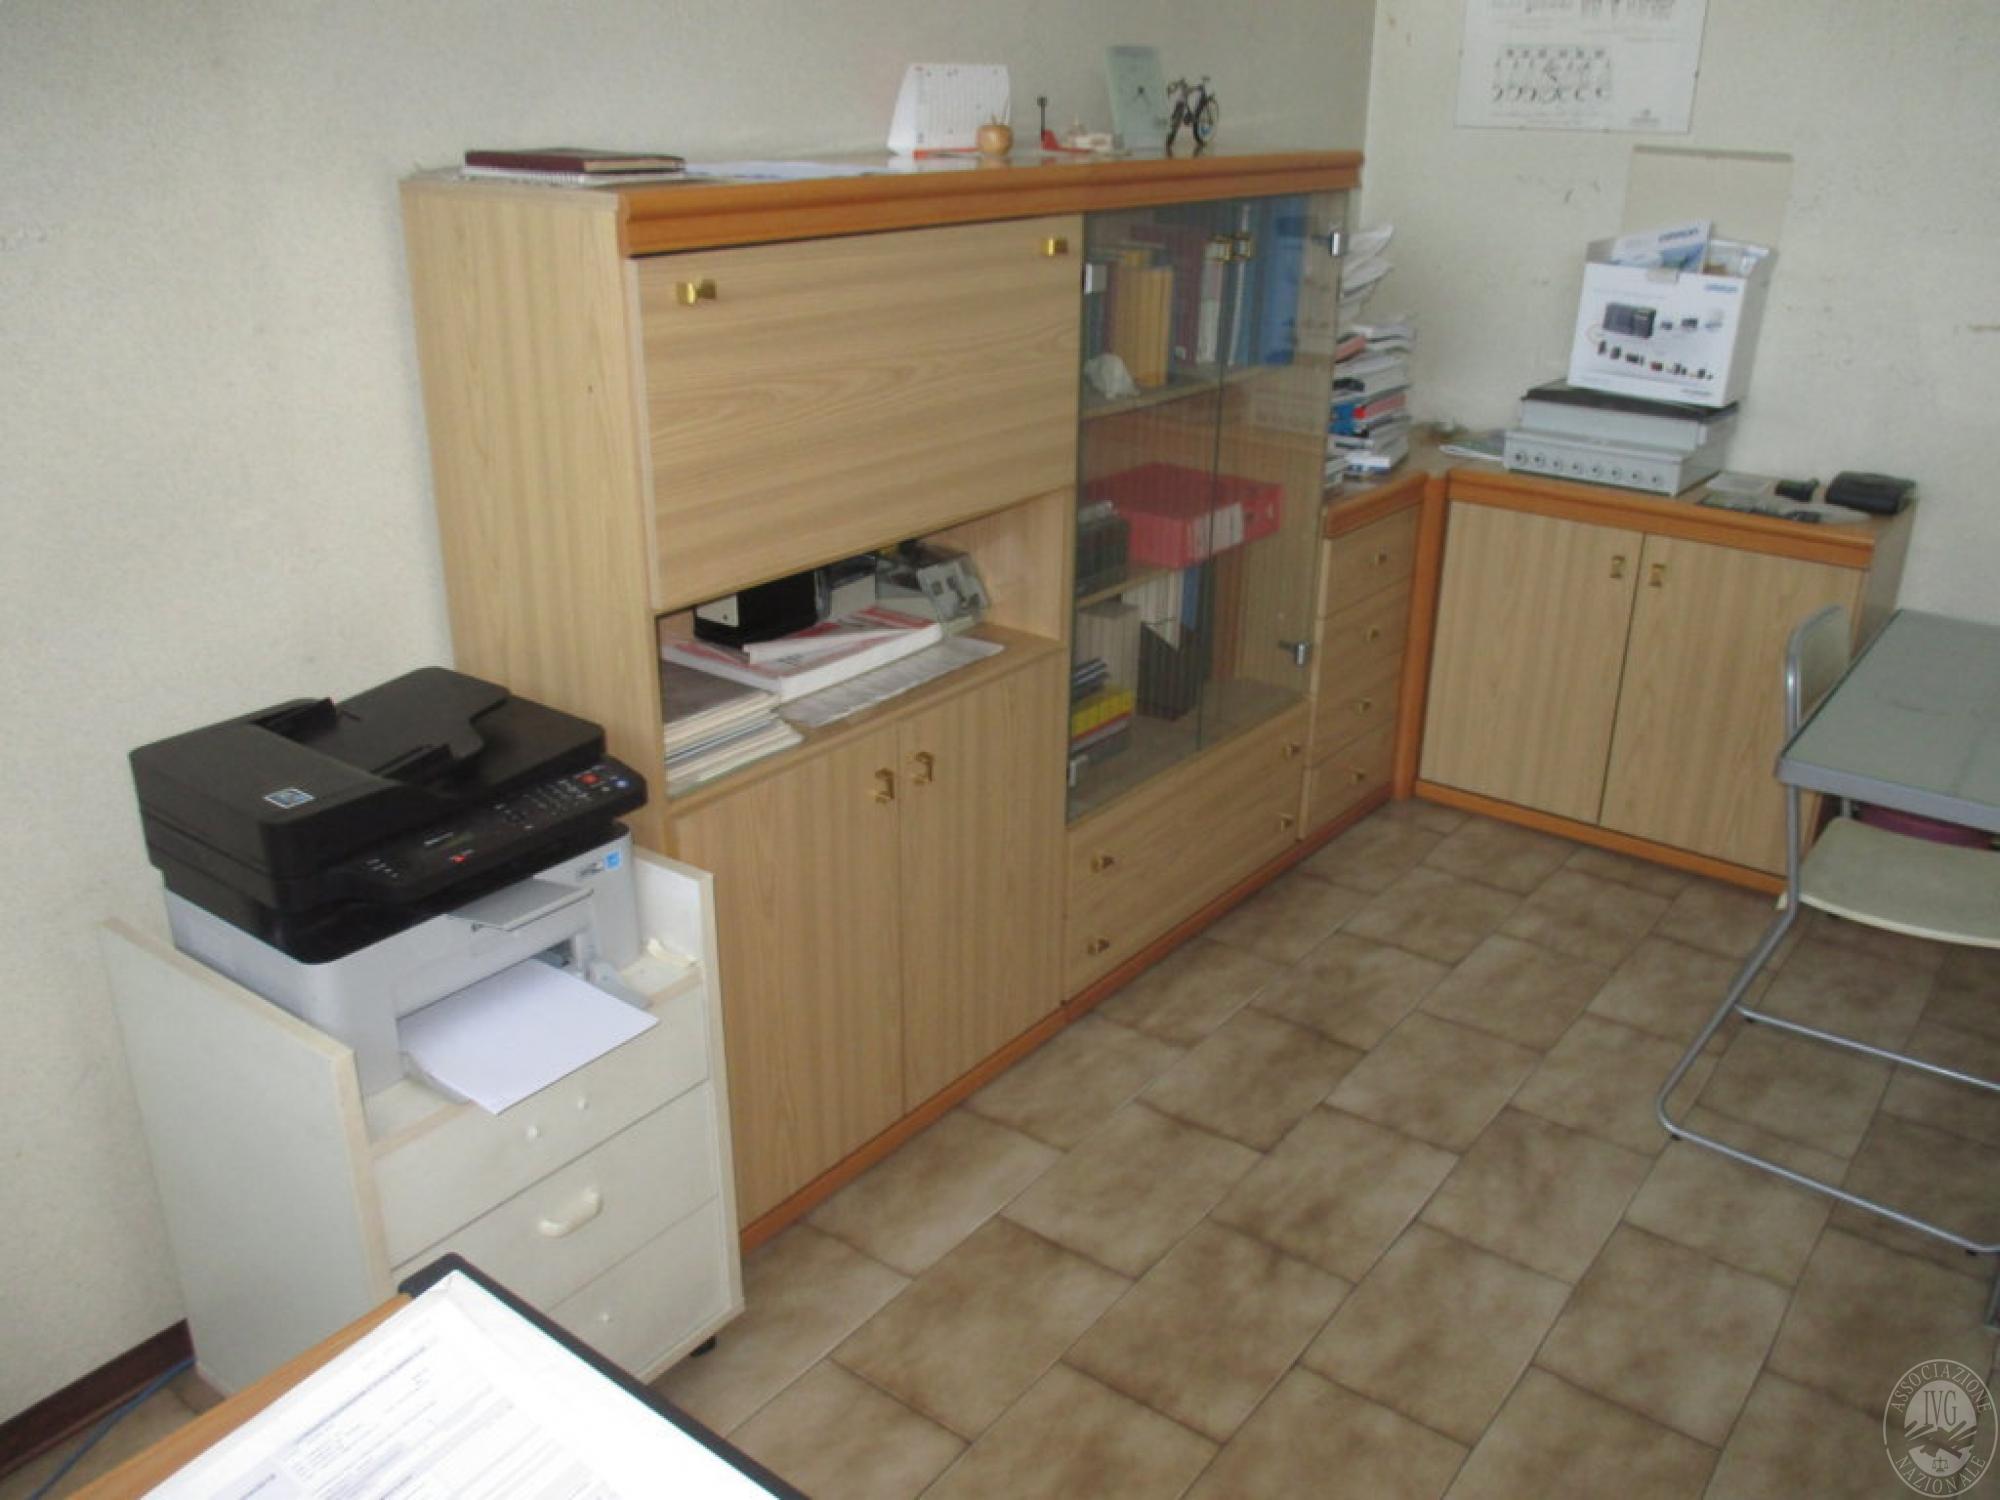 Lotto attrezzature e arredamento per ufficio